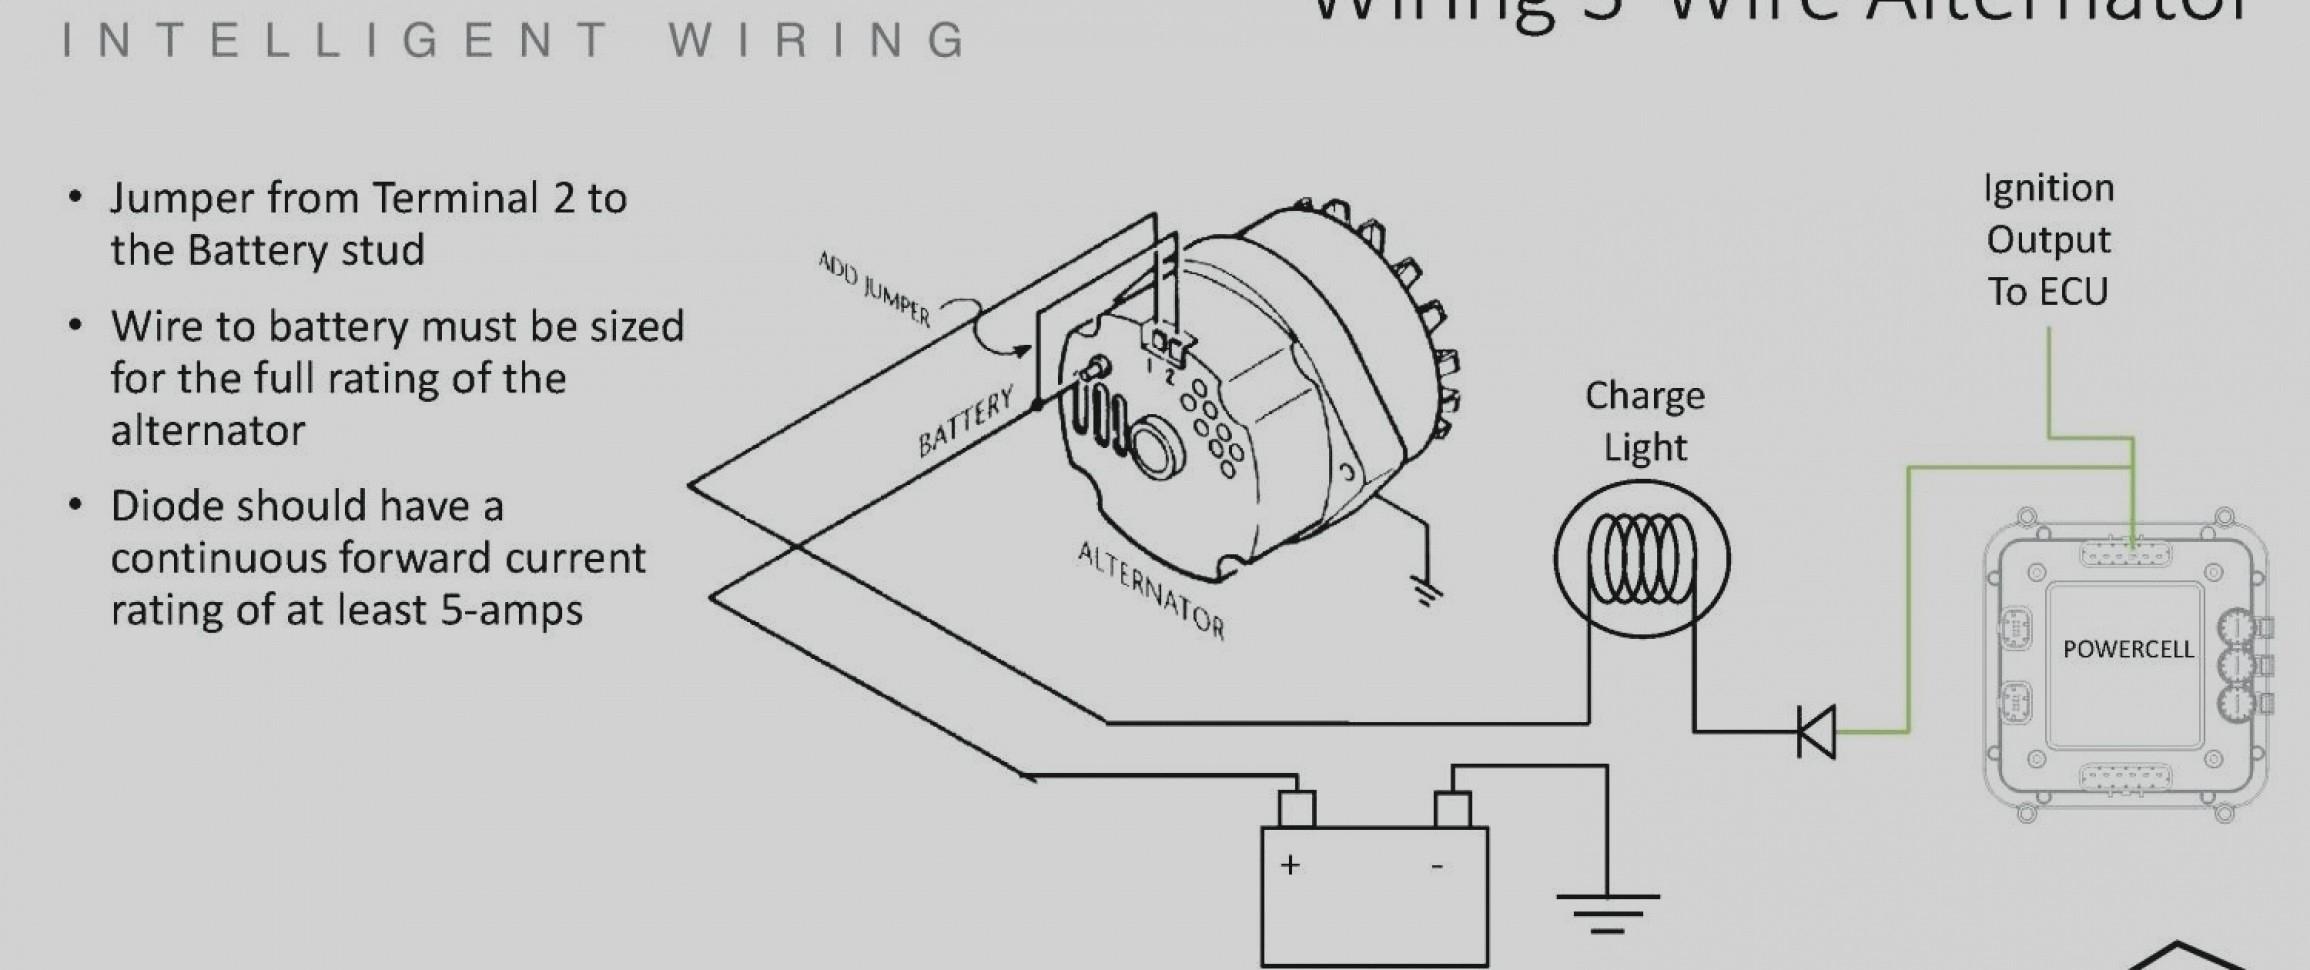 Chevy 350 Alternator Voltage Regulator Wiring Diagram - Wiring Diagrams - Gm Alternator Wiring Diagram